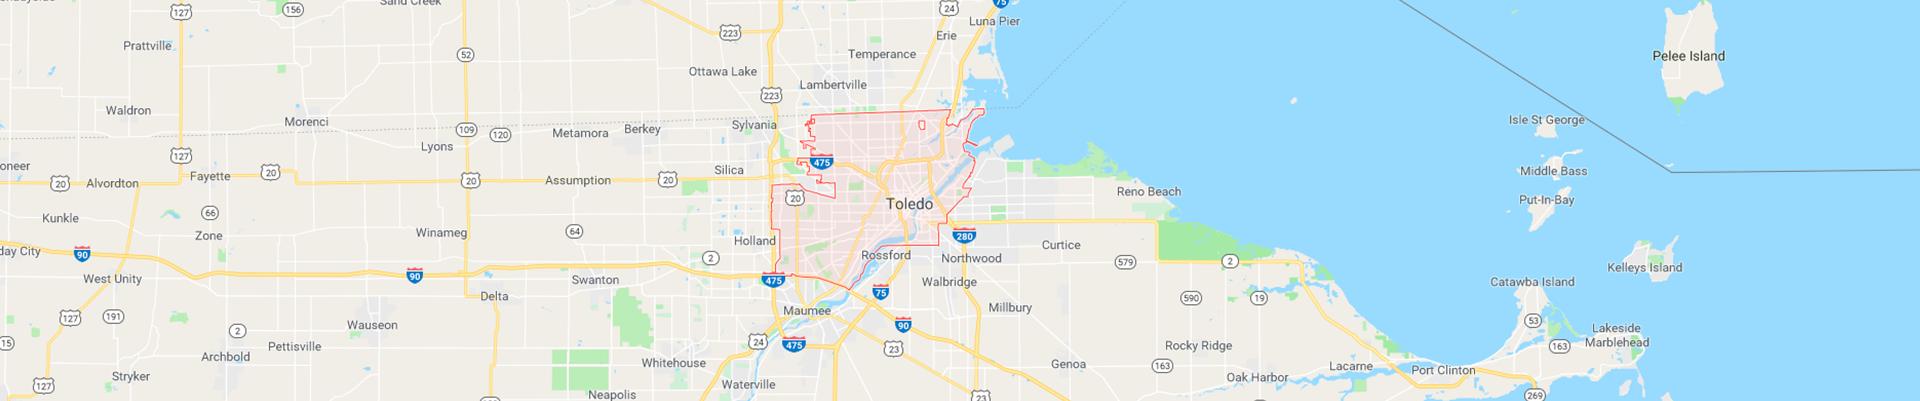 Classic-Car-Appraisal-Franchise-in-Toledo-Ohio